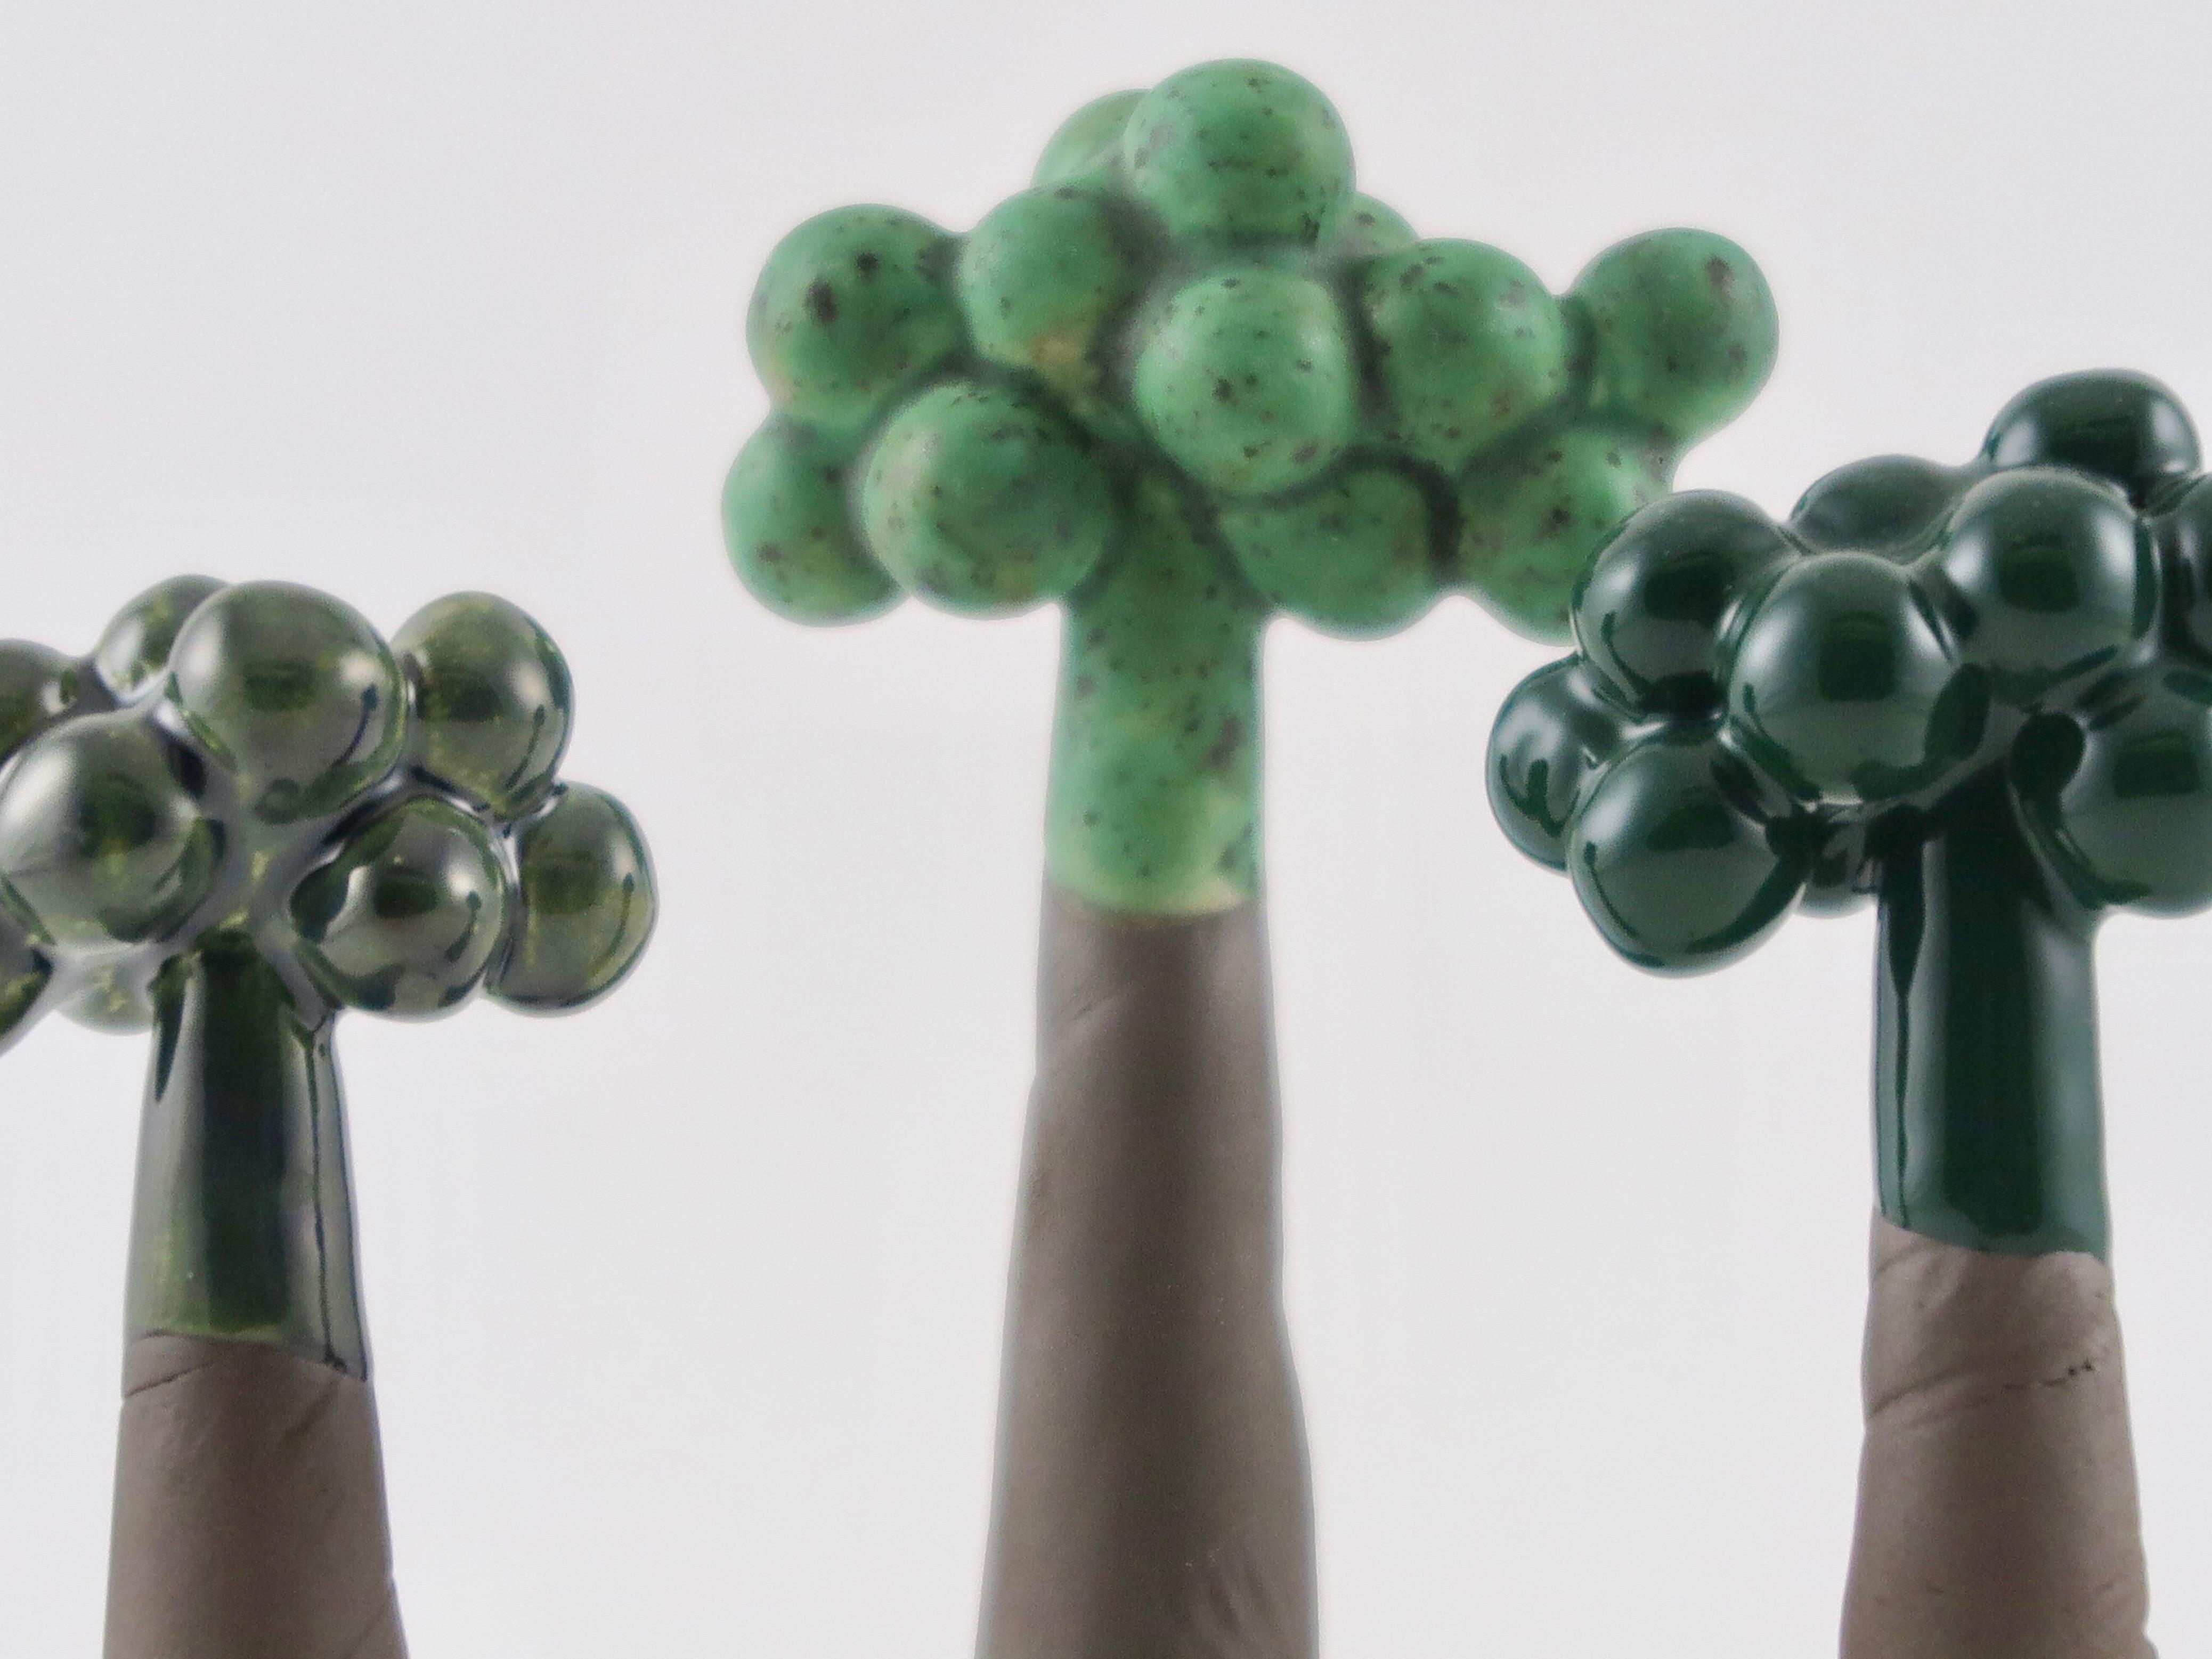 CARLAS CAOS - Små træer